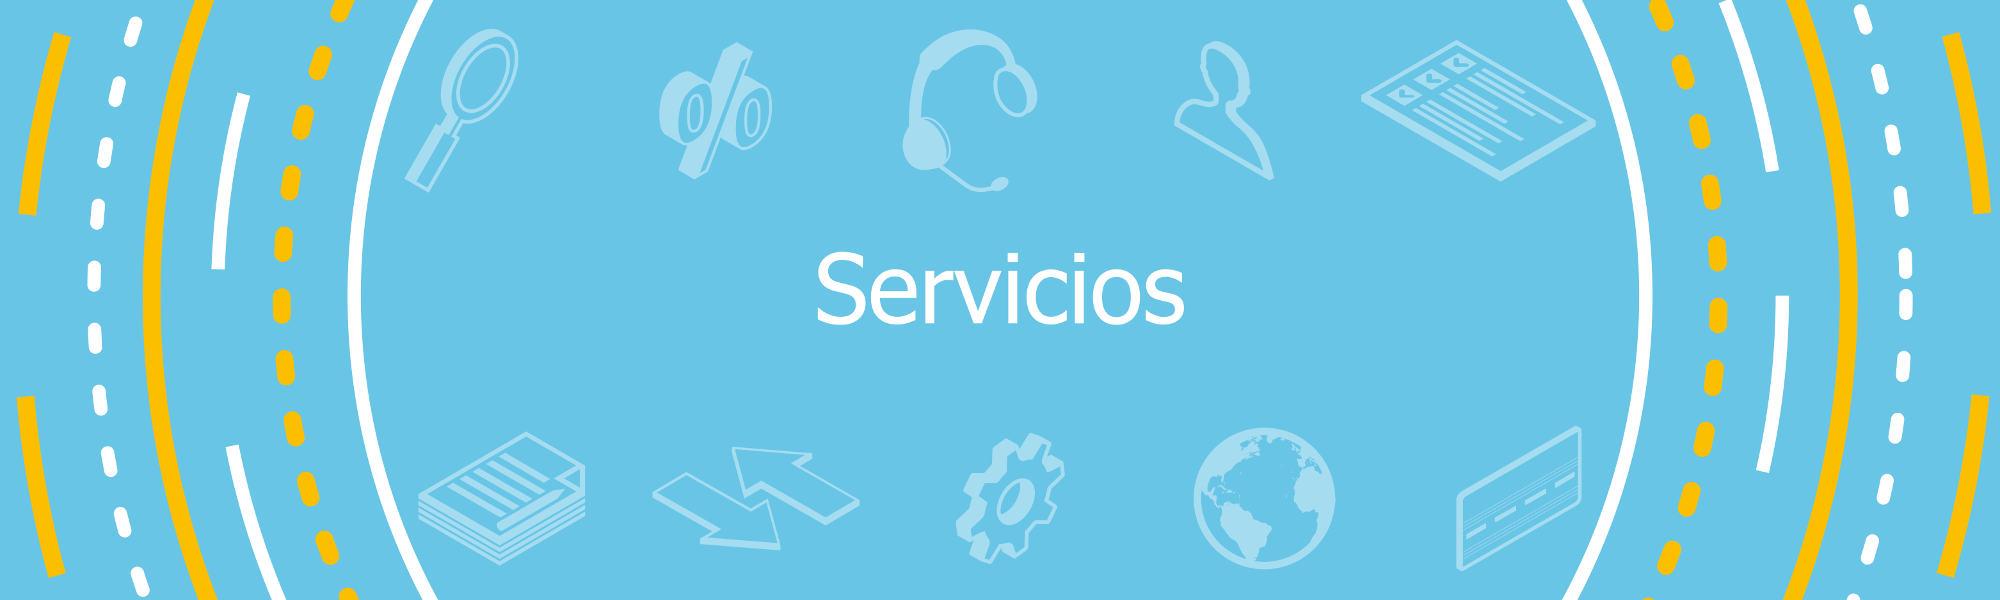 Servicios de gestoría en Tenerife - Traspasos y Tramites